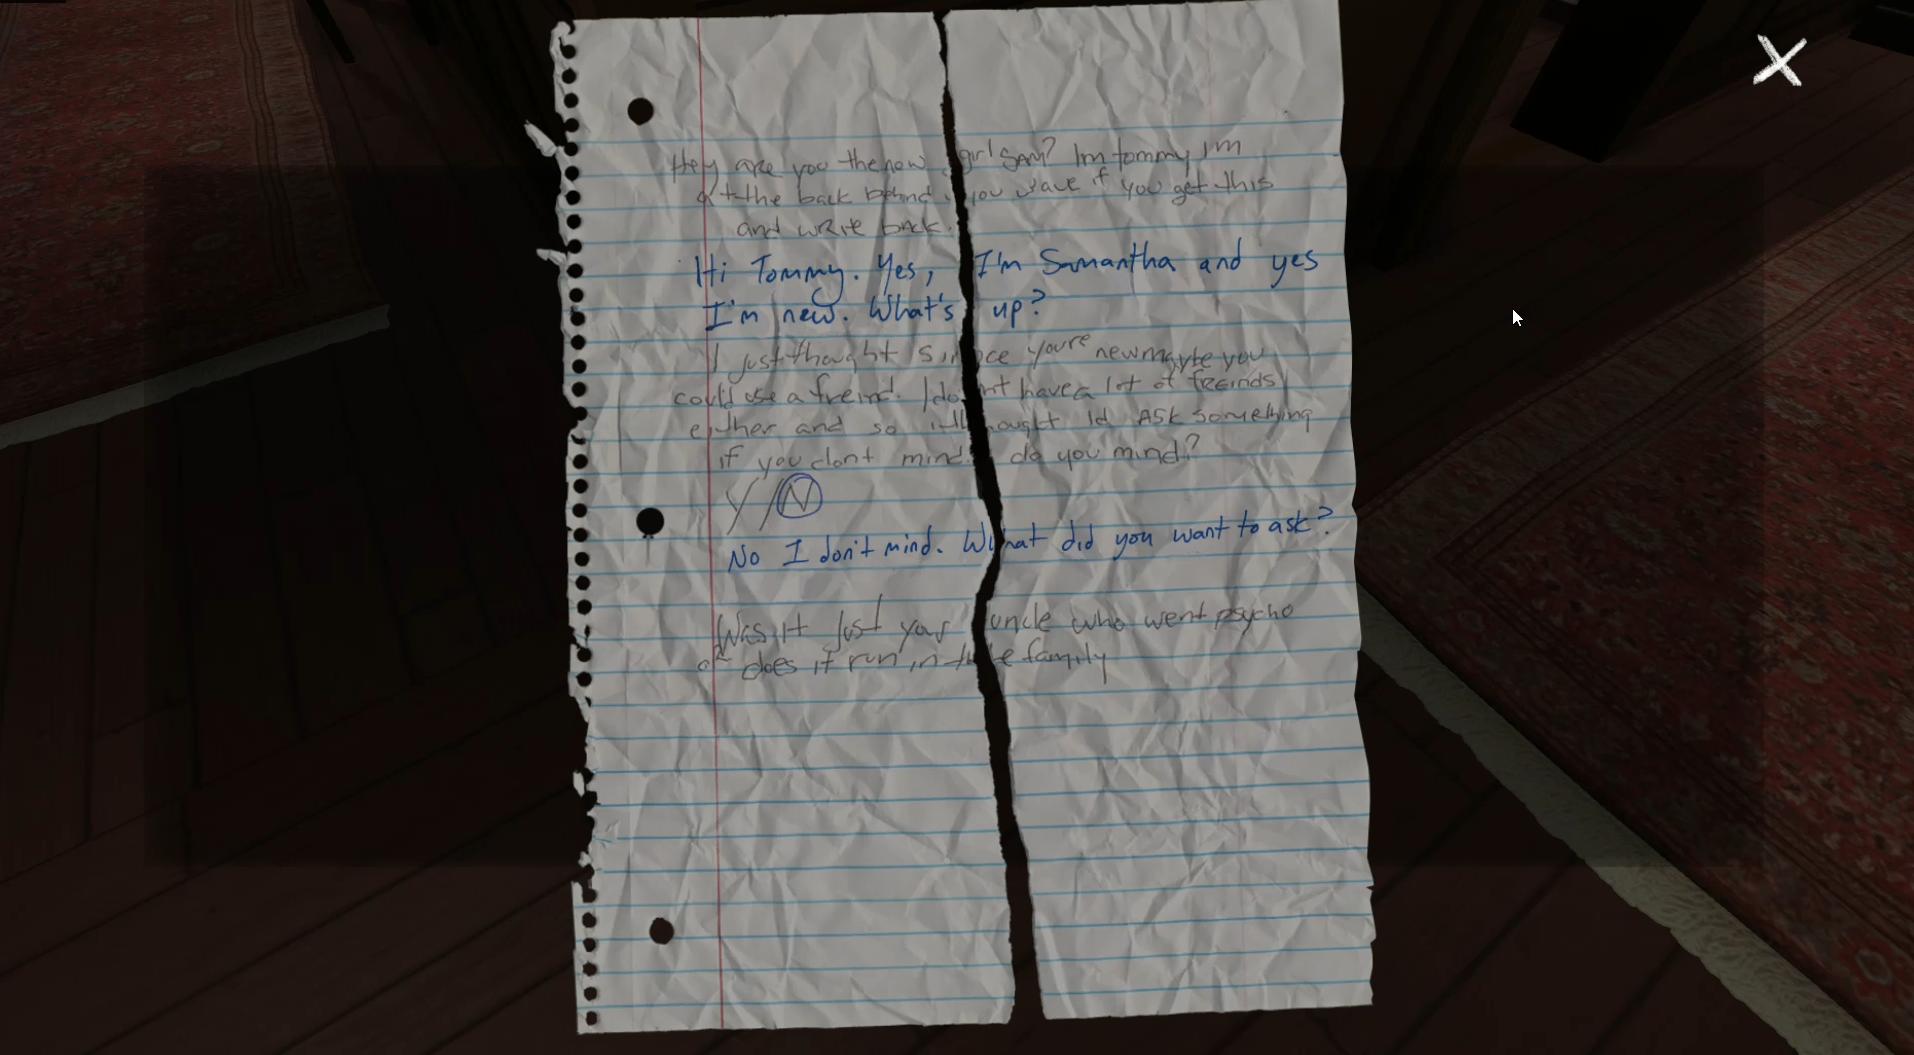 Ein Screenshot aus Gone Home (2013). Spielenden können diesen zerknüllten und zerrissenen Zettel im Spiel finden. Hier zeigen sich sehr eindeutige material clues, die dieses Stück Papier einer (unbestimmten) Vergangenheit zuordnen. Derart präparierte Objekte tragen zur Entstehung von Vergangenheitsatmosphären bei.